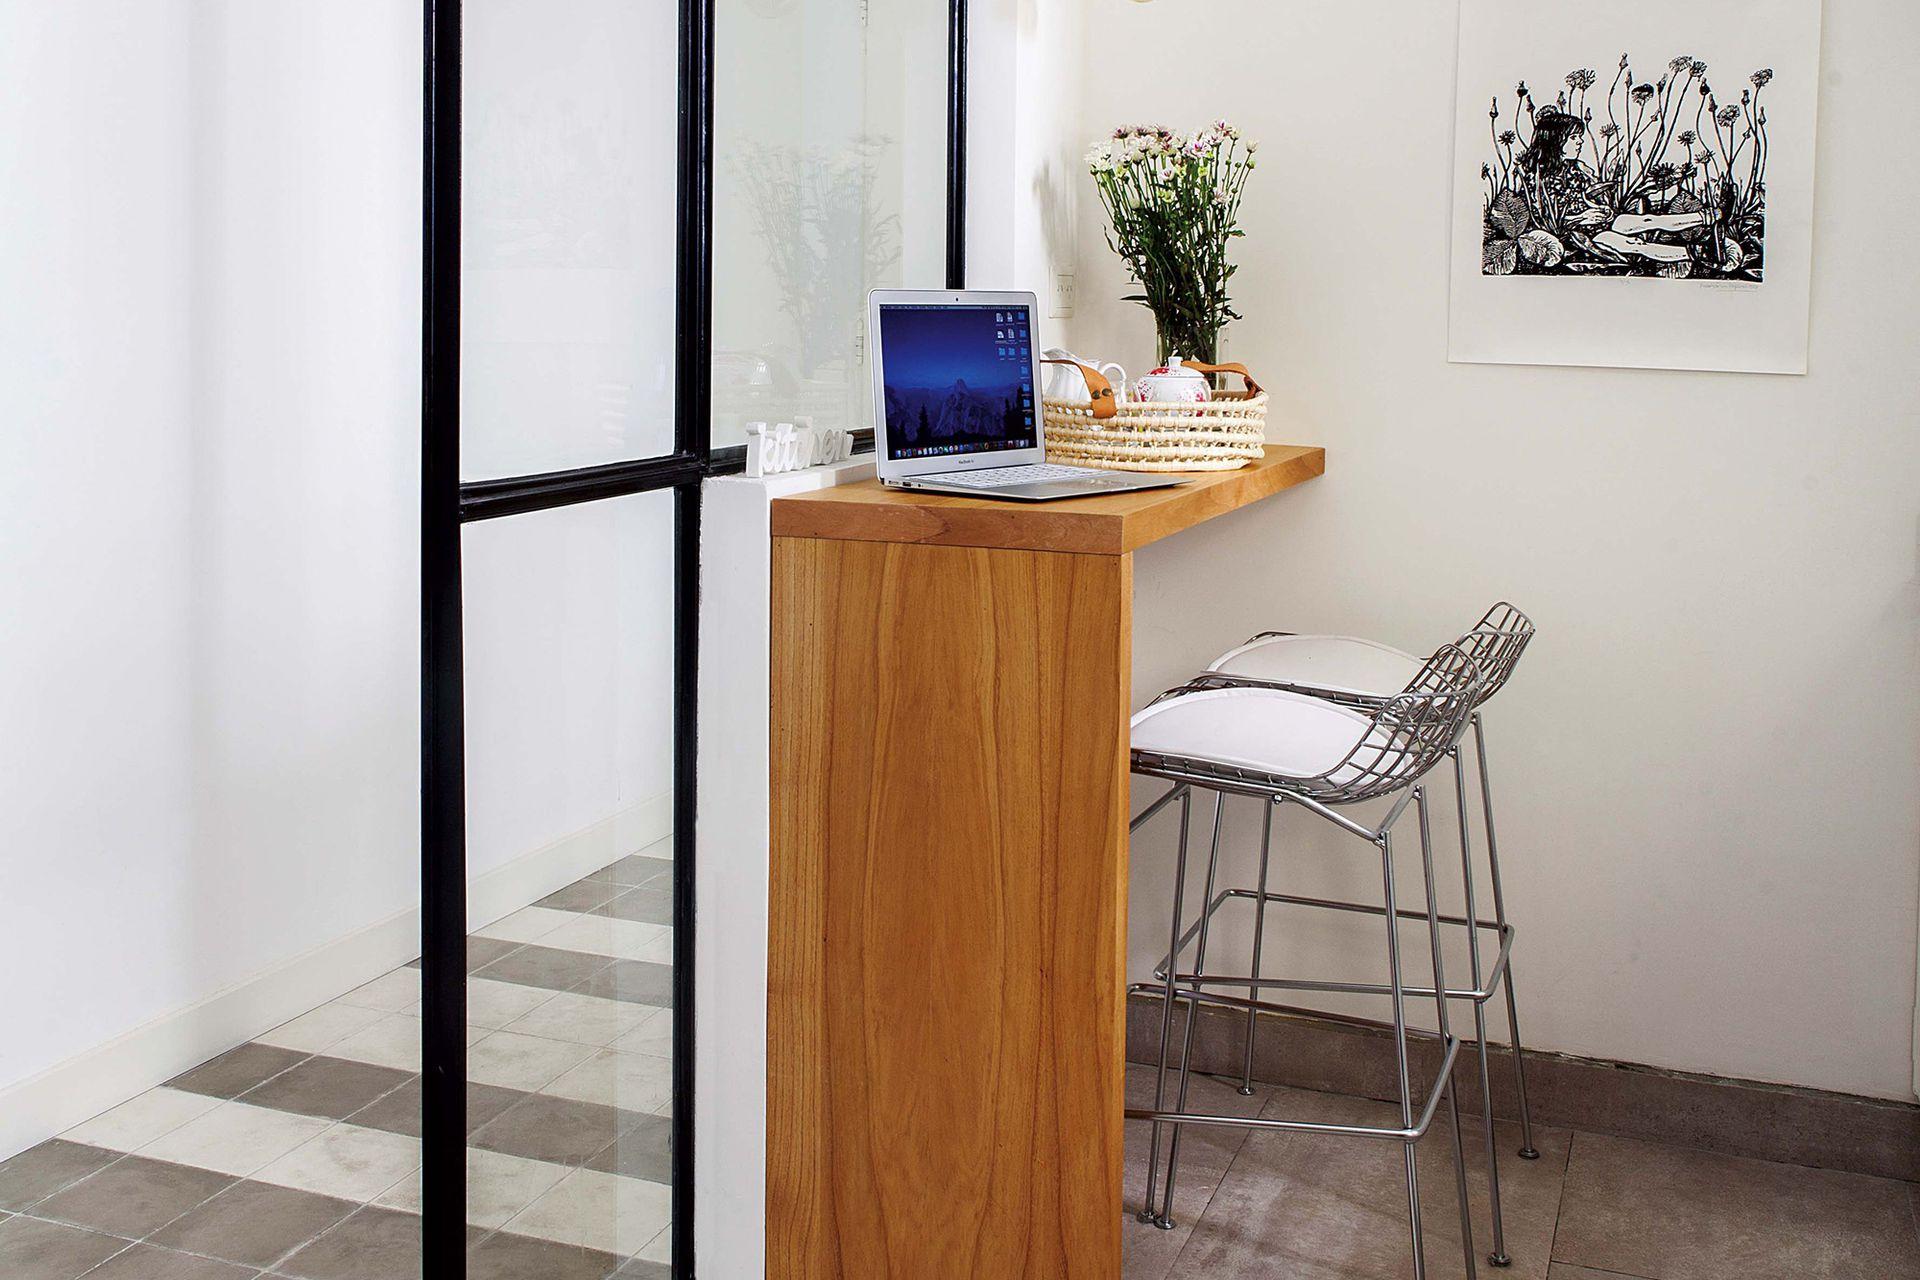 La altura de la barra se elevó para coincidir con el recorte de la pared. El resultado es tan cómodo que se convirtió en el espacio de home working de Macarena.